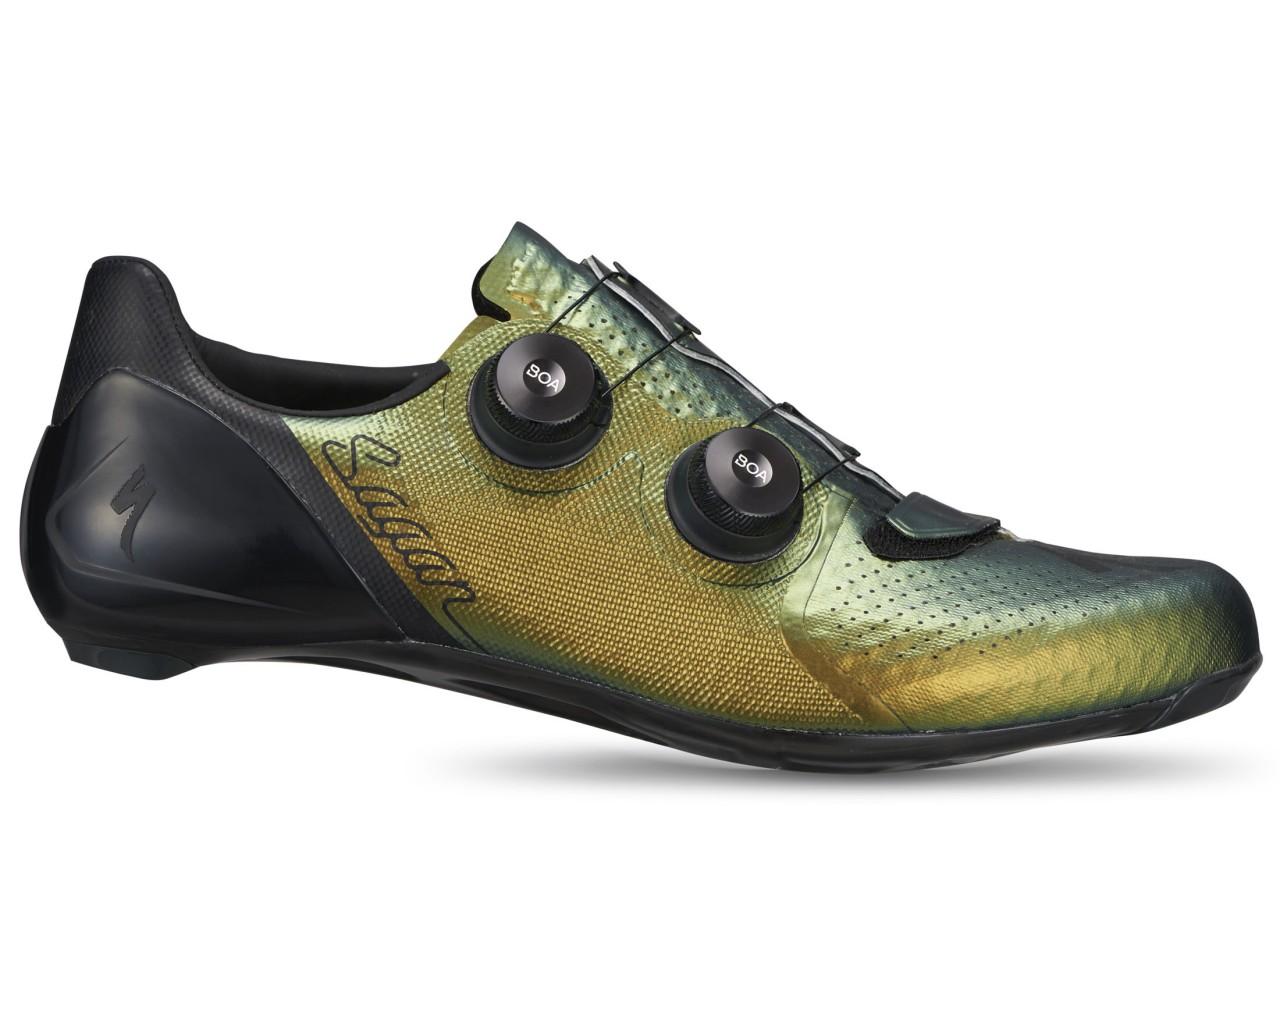 Specialized S-Works 7 Rennrad Schuhe Sagan Deconstructivism LTD   green